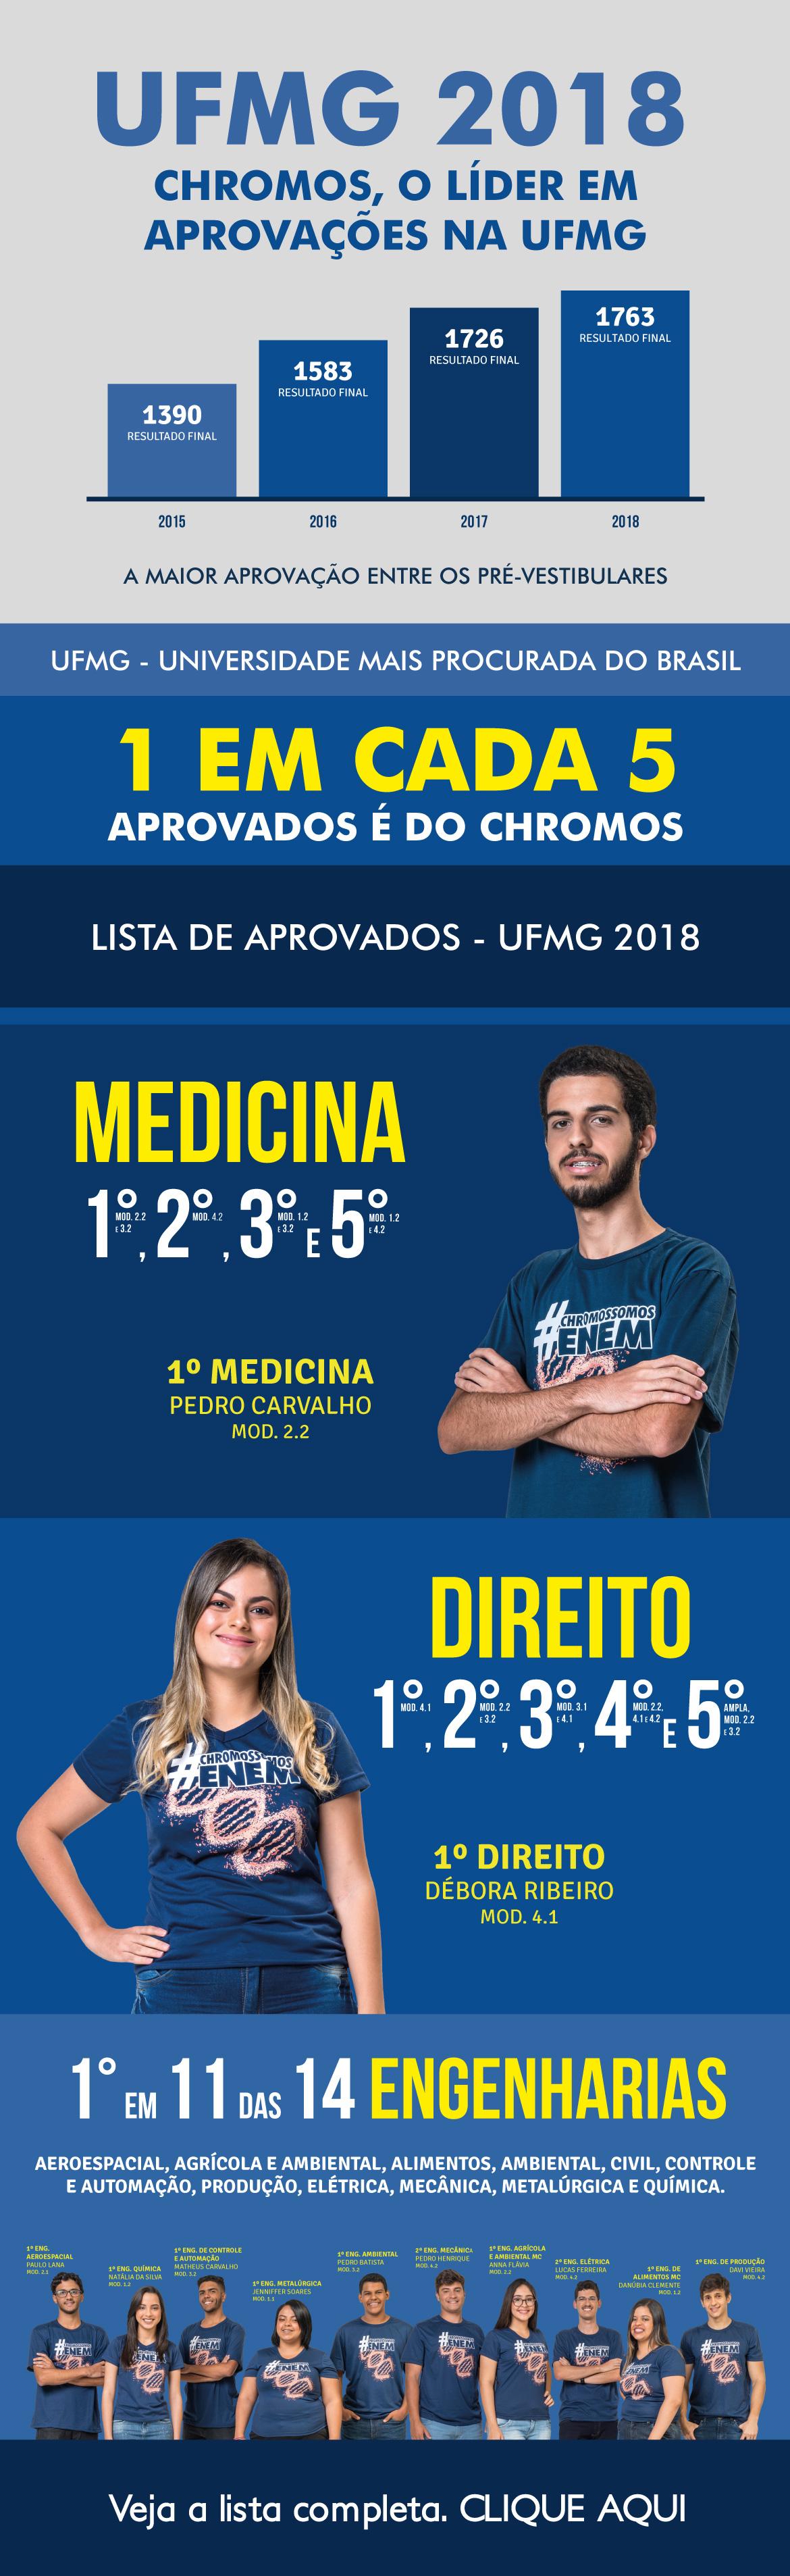 22-08---Lista-de-Aprovados-UFMG-2018-2